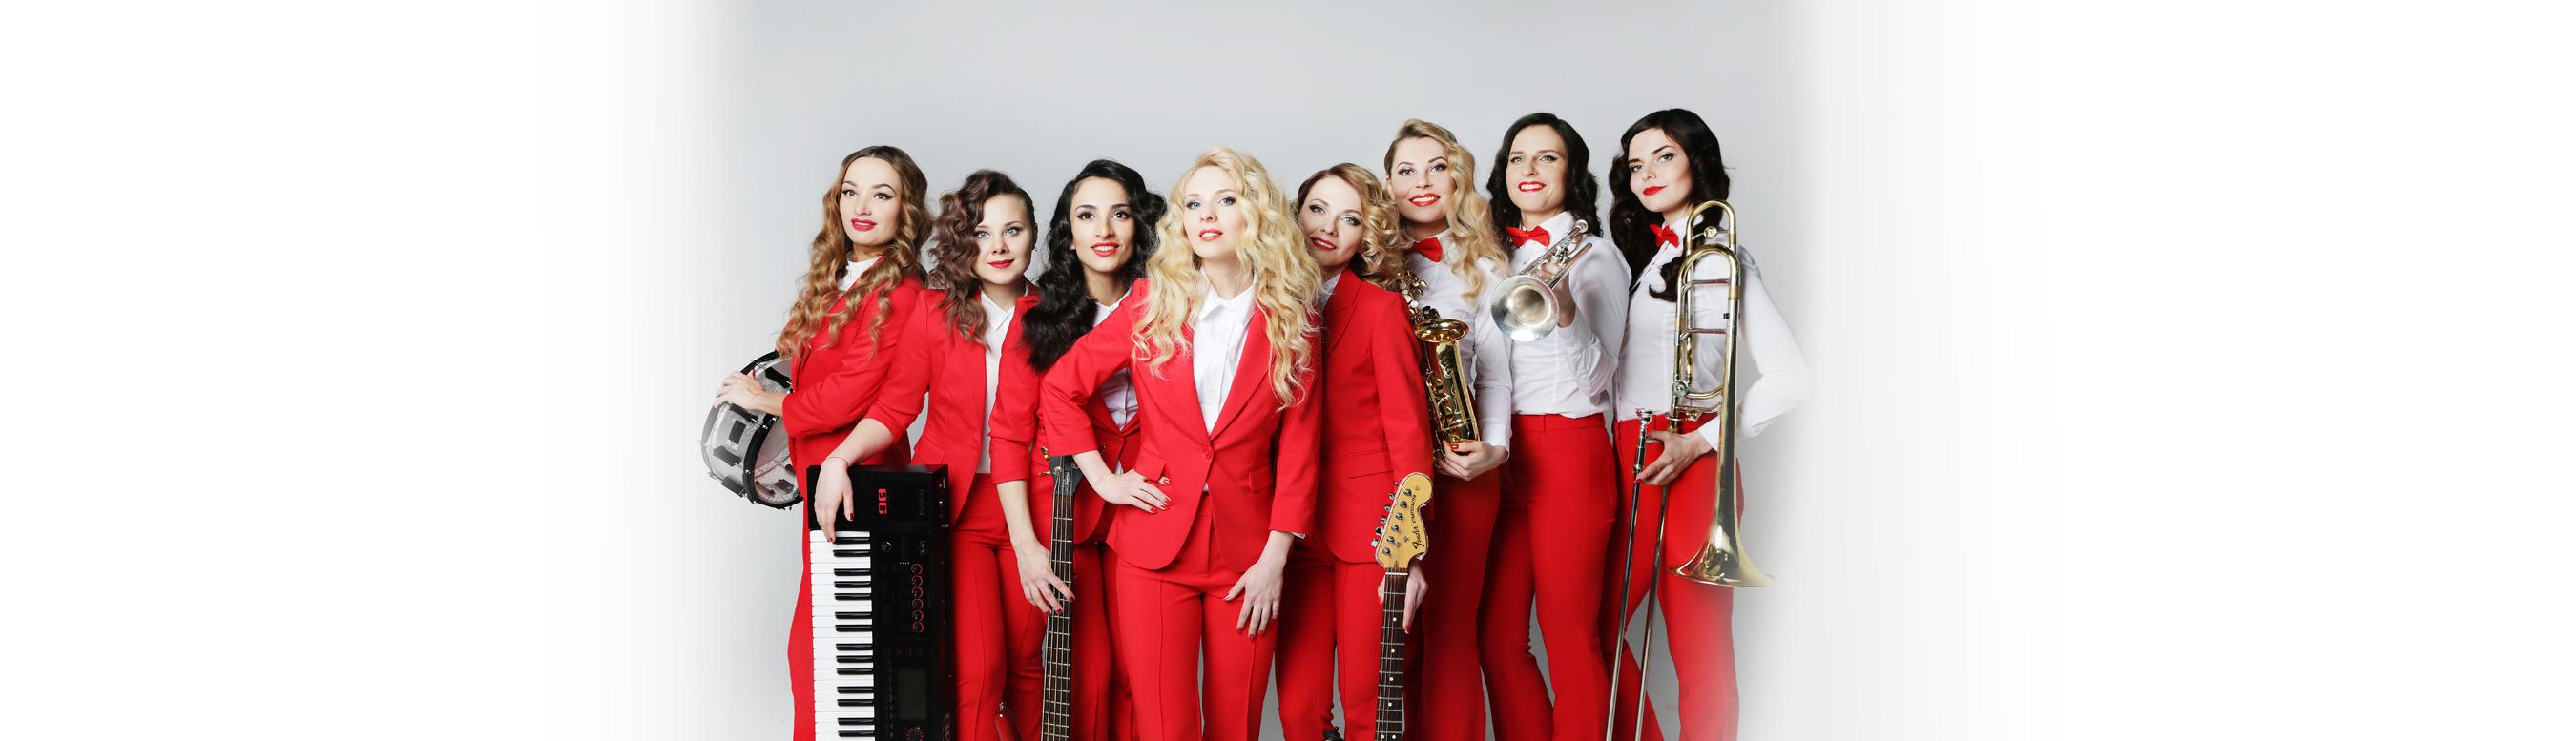 Кавер группа Women's band Ш.И.К.